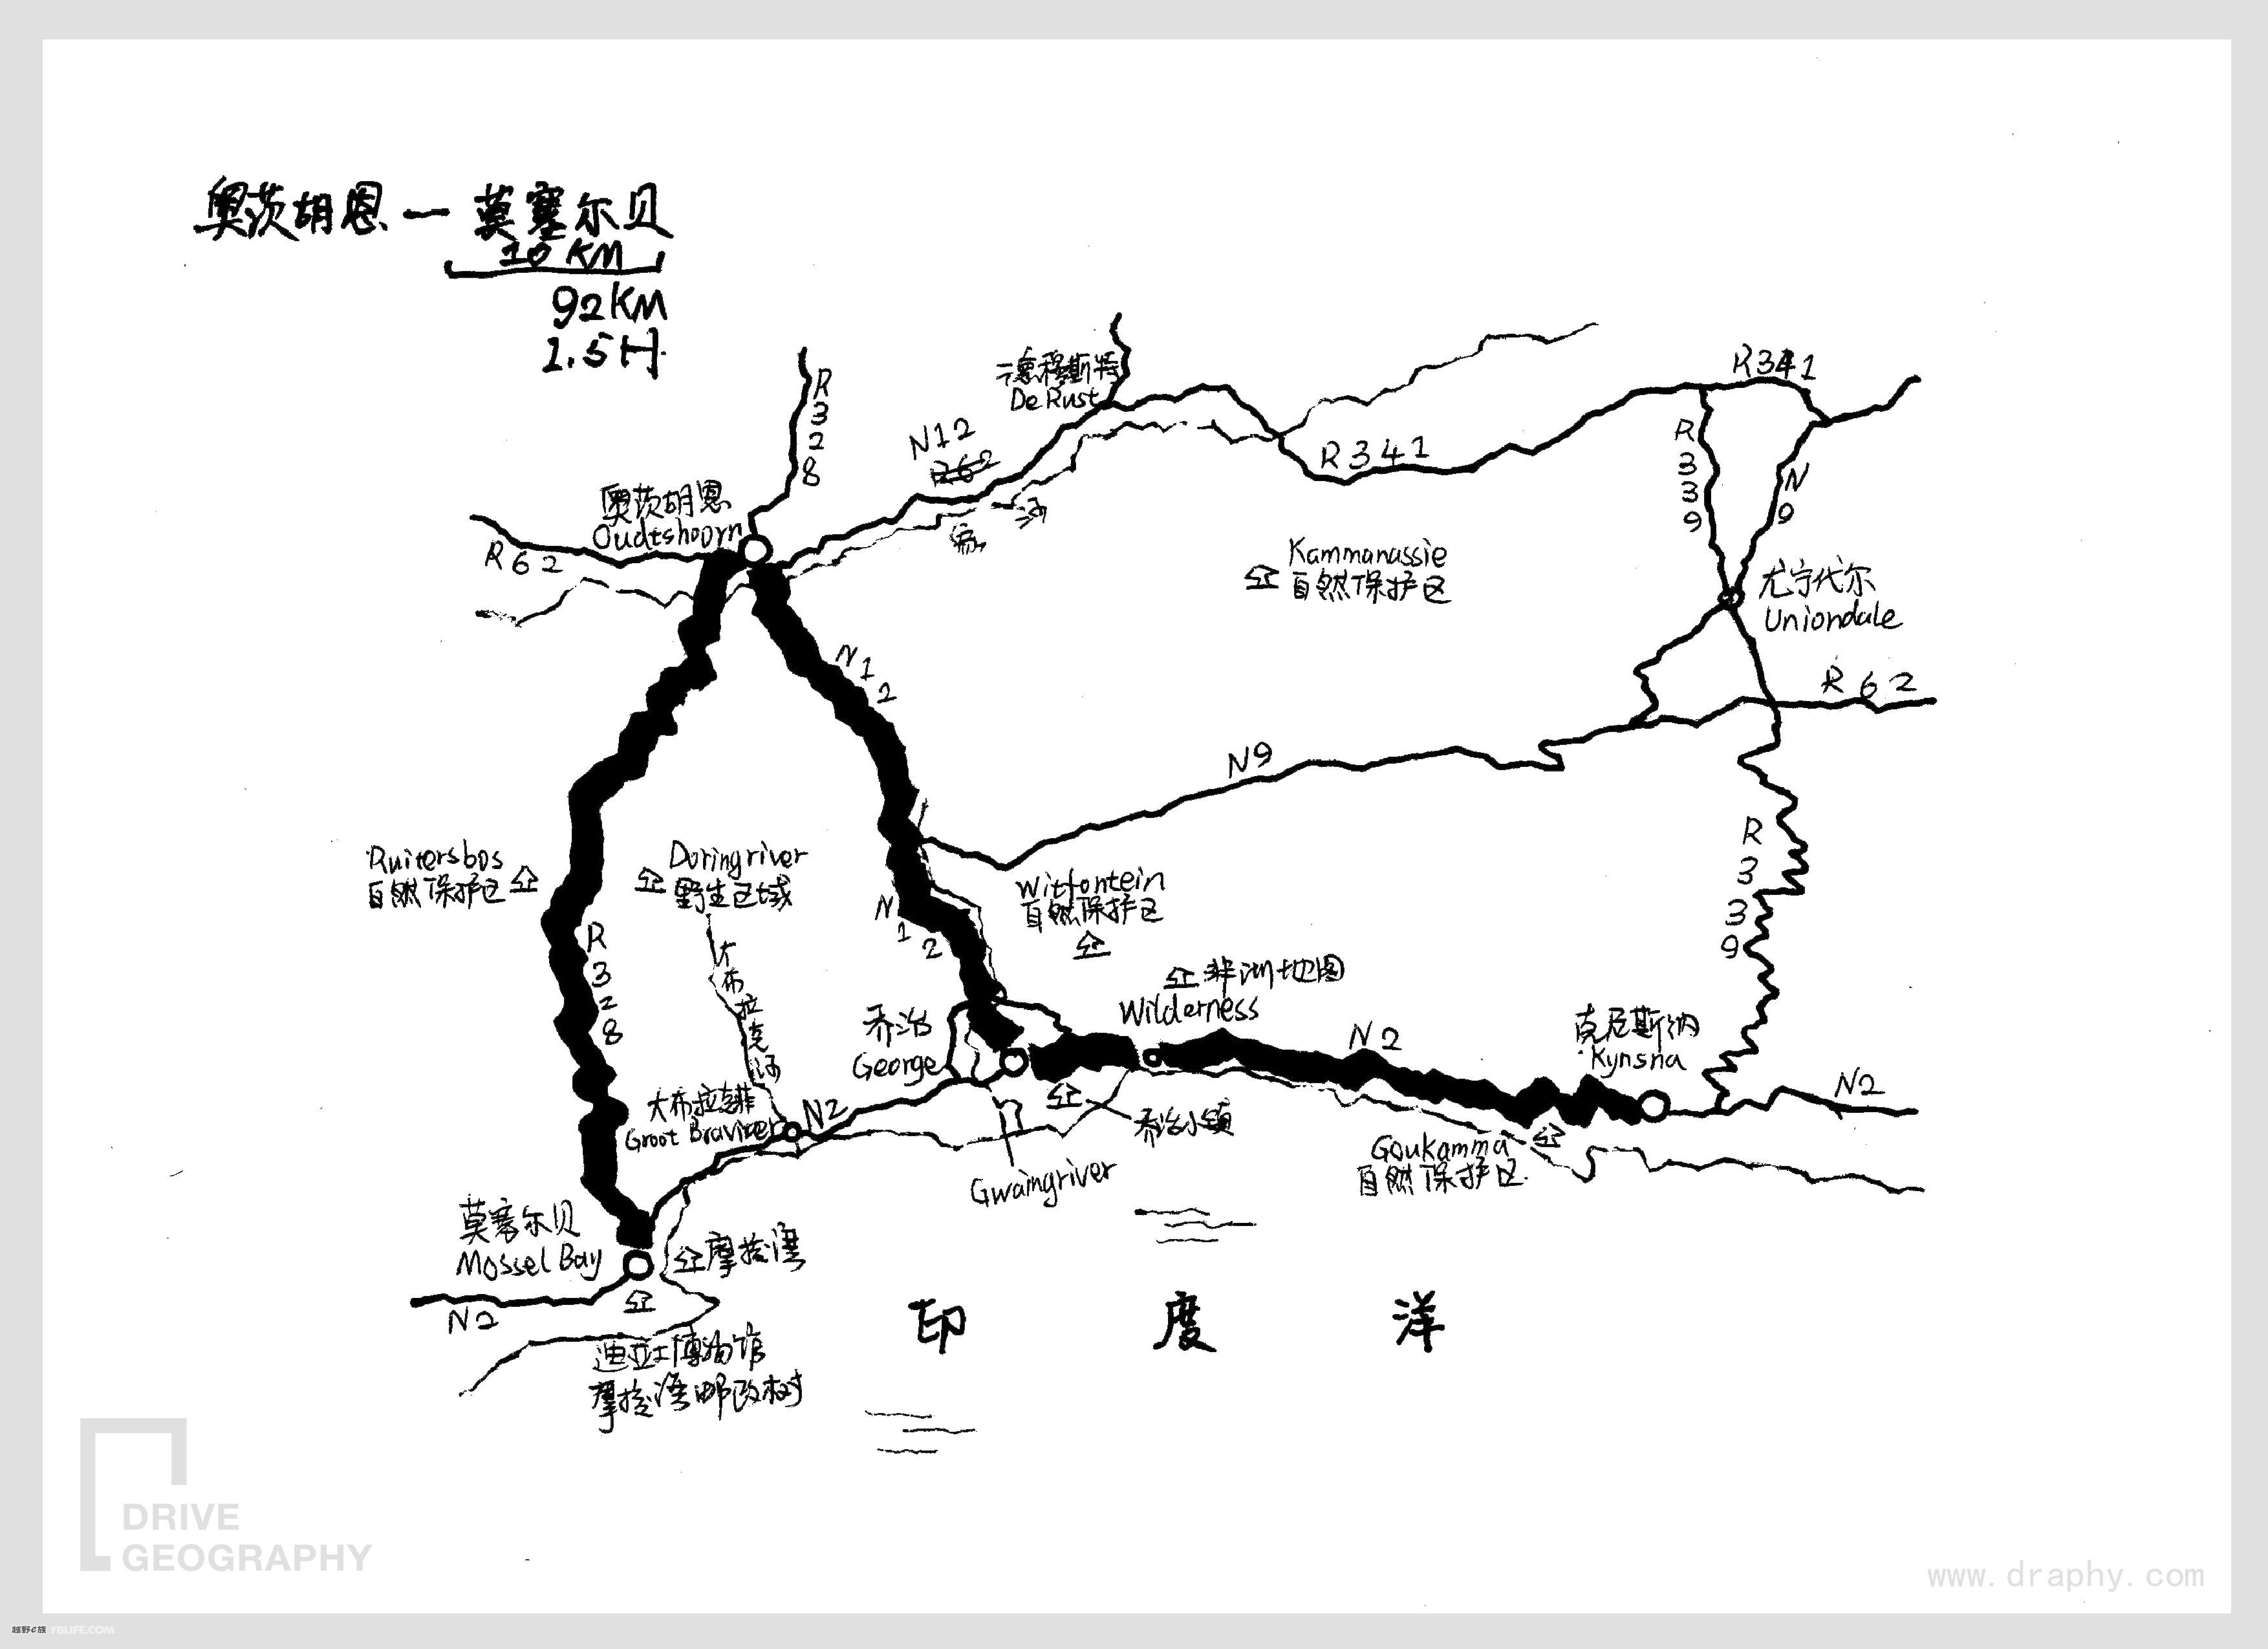 离开甘果洞后沿r328驱车向南前往印度洋边以优美海滨风景闻名的莫塞尔